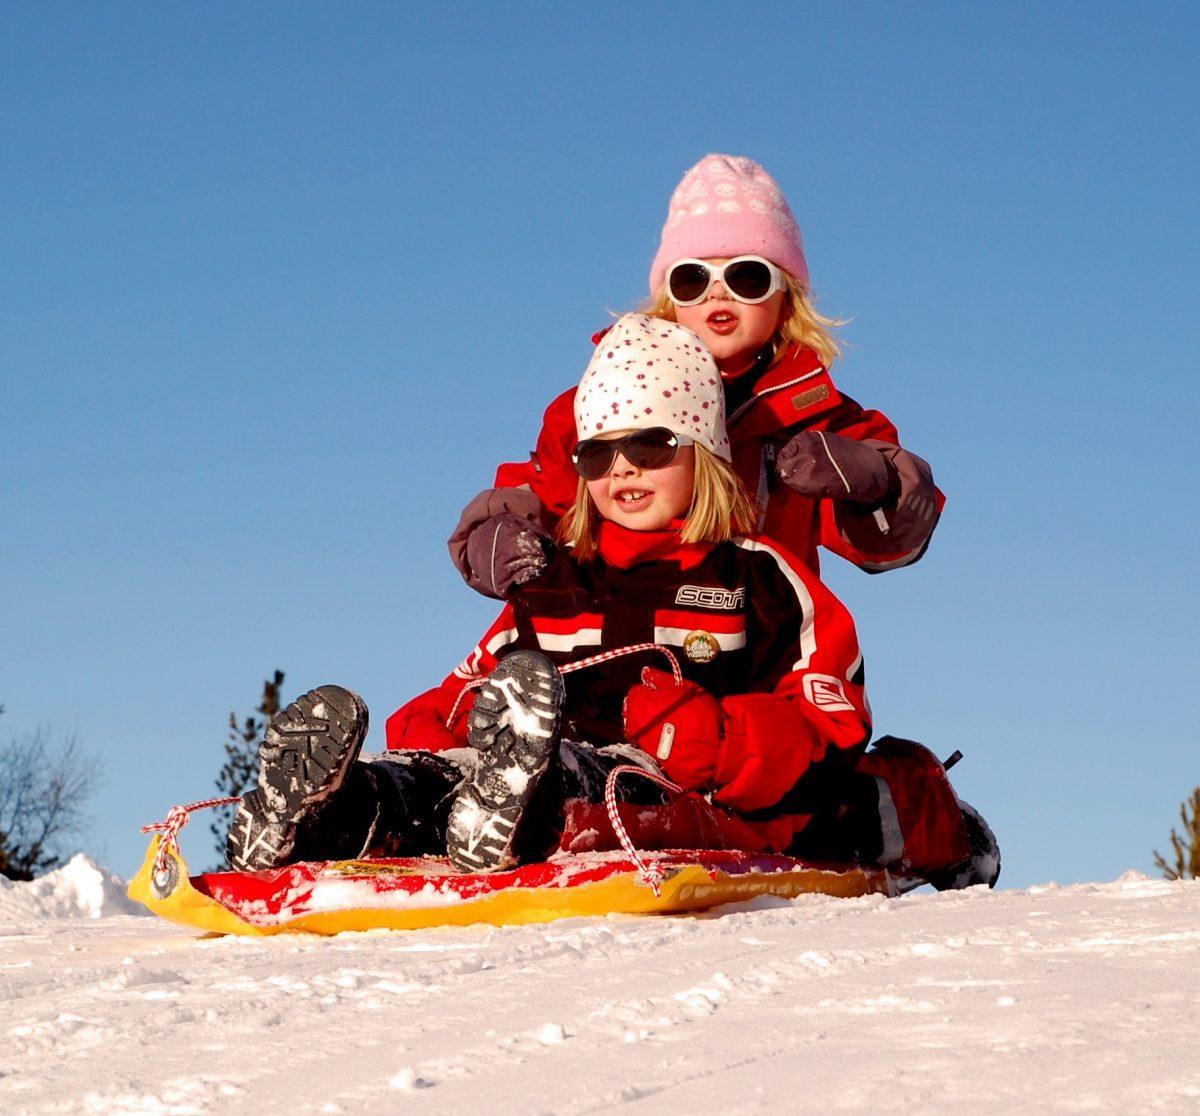 Wintersport met kleine kinderen kan prima!